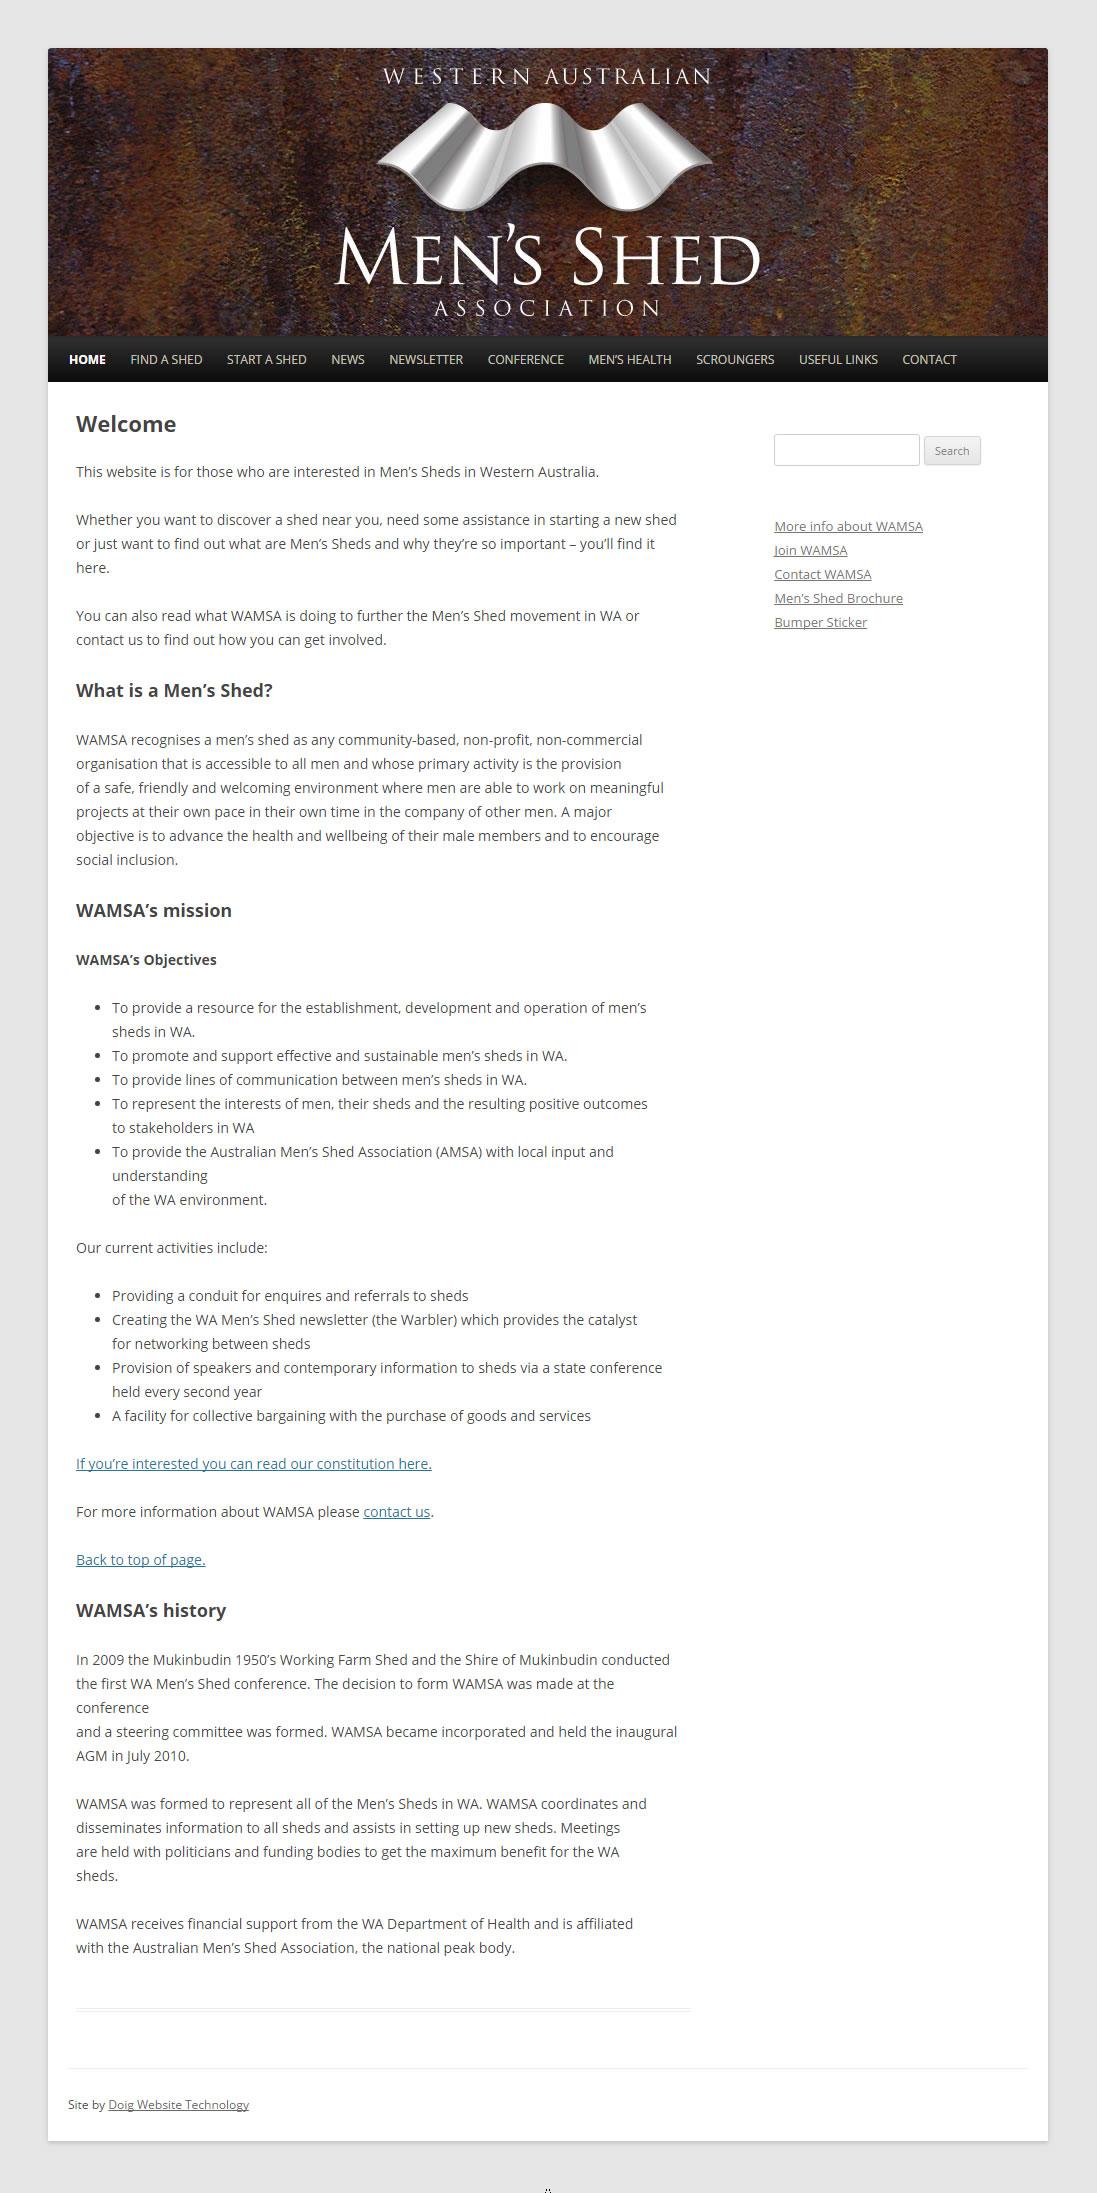 WAMSA Western Australian Men's Shed Association website